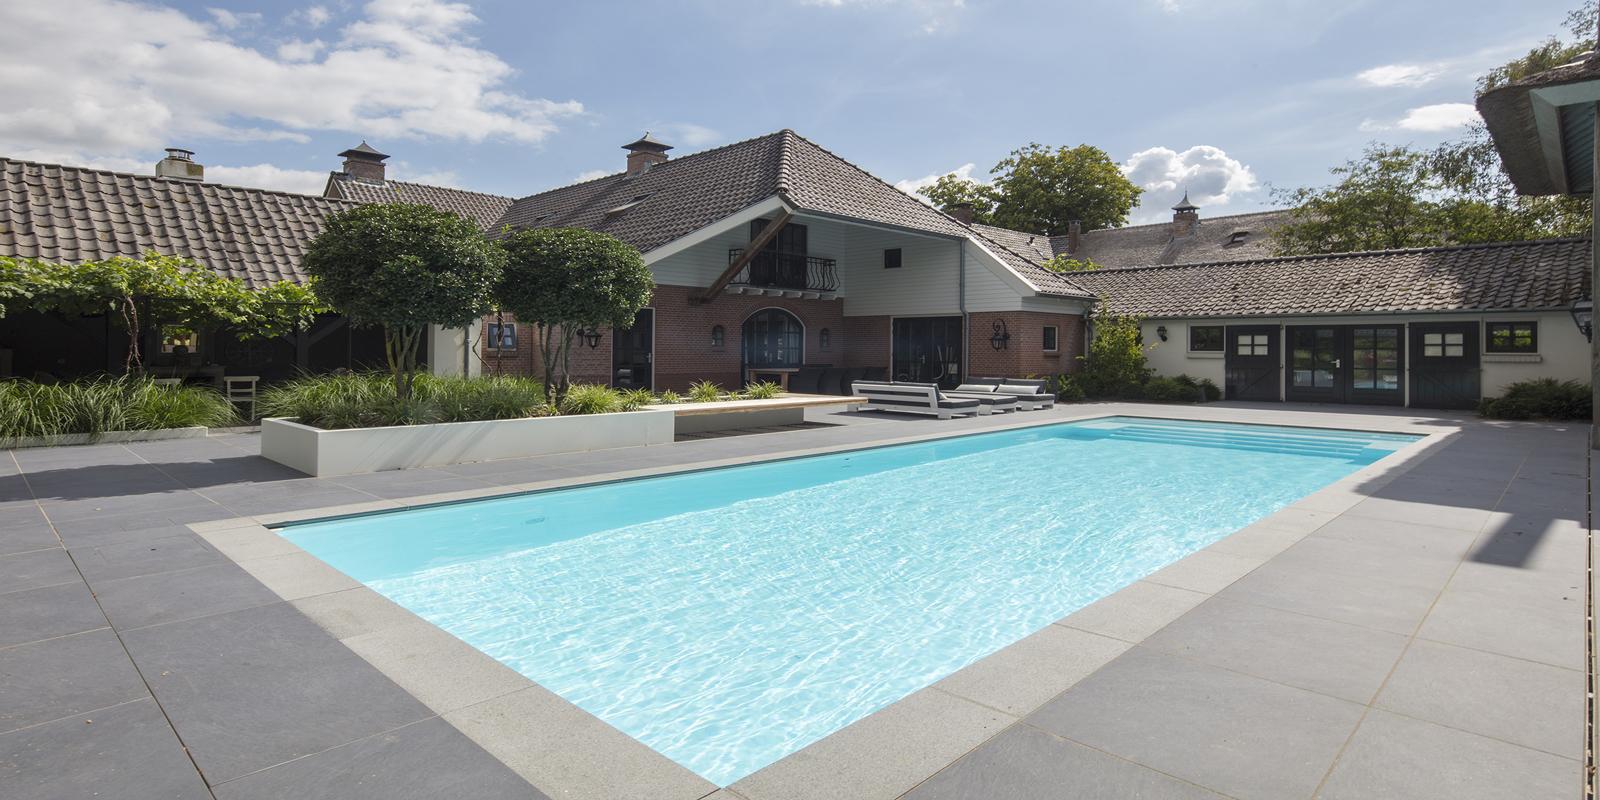 buitenzwembad, Ambiance zwembaden, zwembad in achtertuin, luxe, the art of living